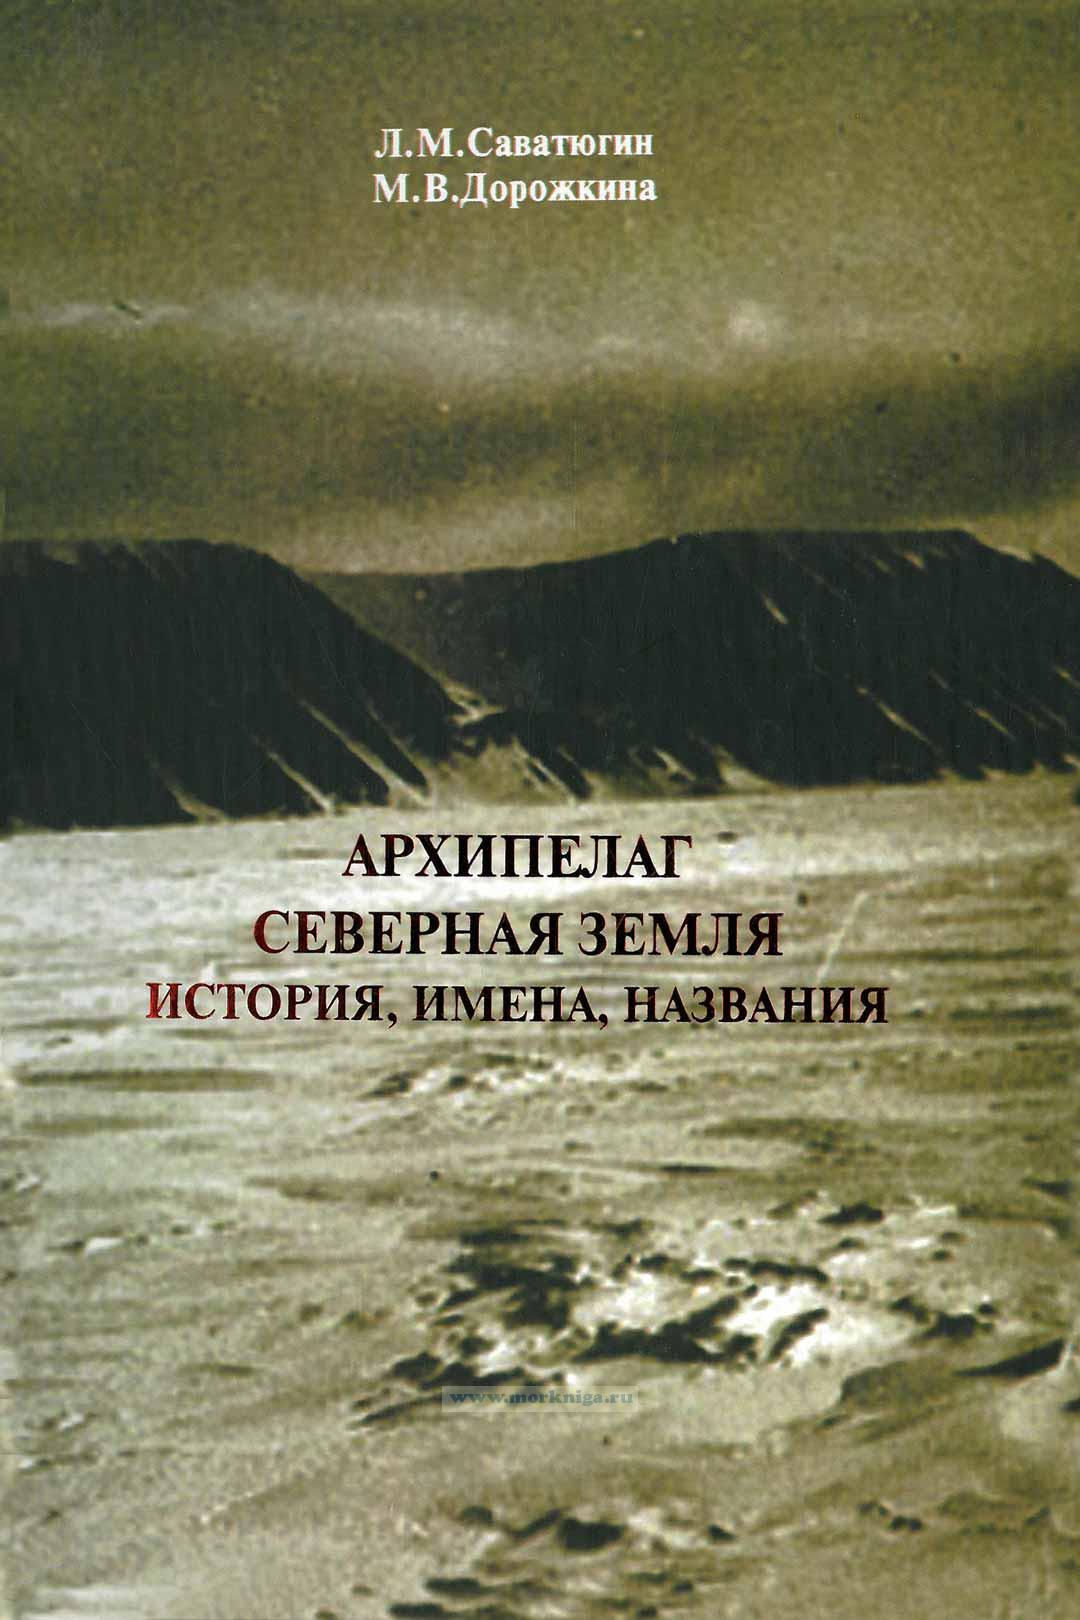 Архипелаг Северная Земля. История, имена и названия